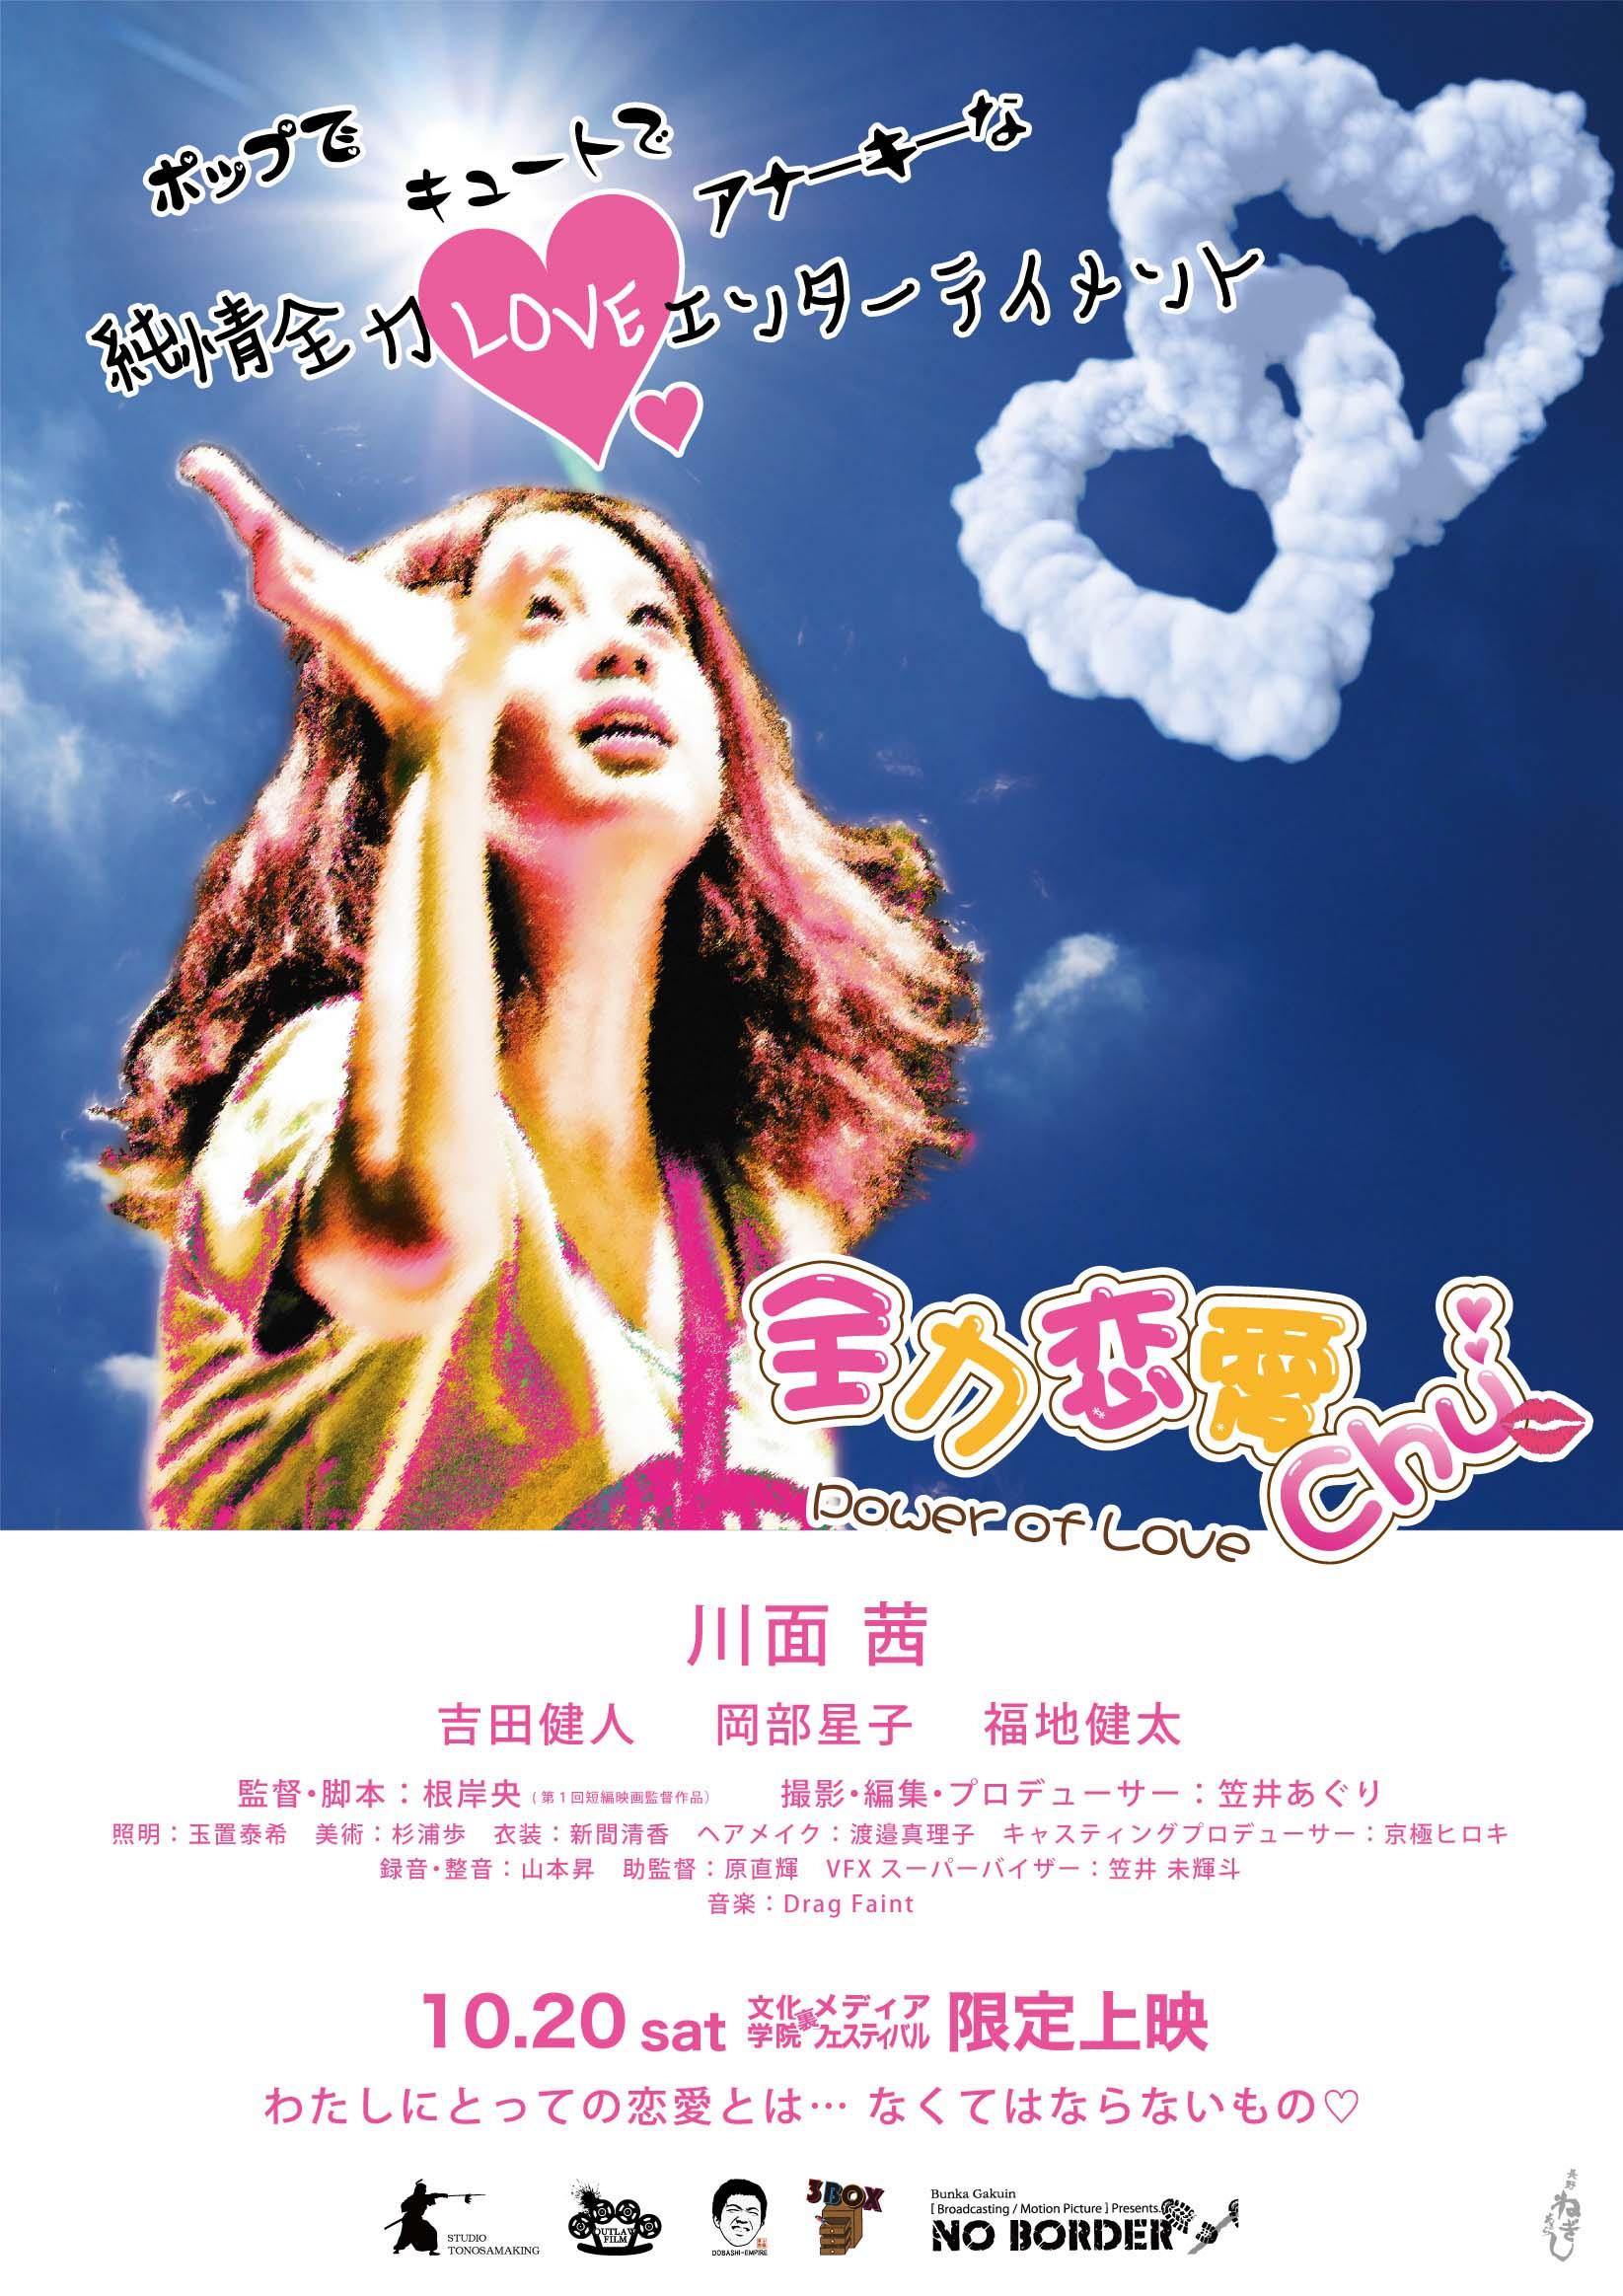 全力恋愛chu 20日上映